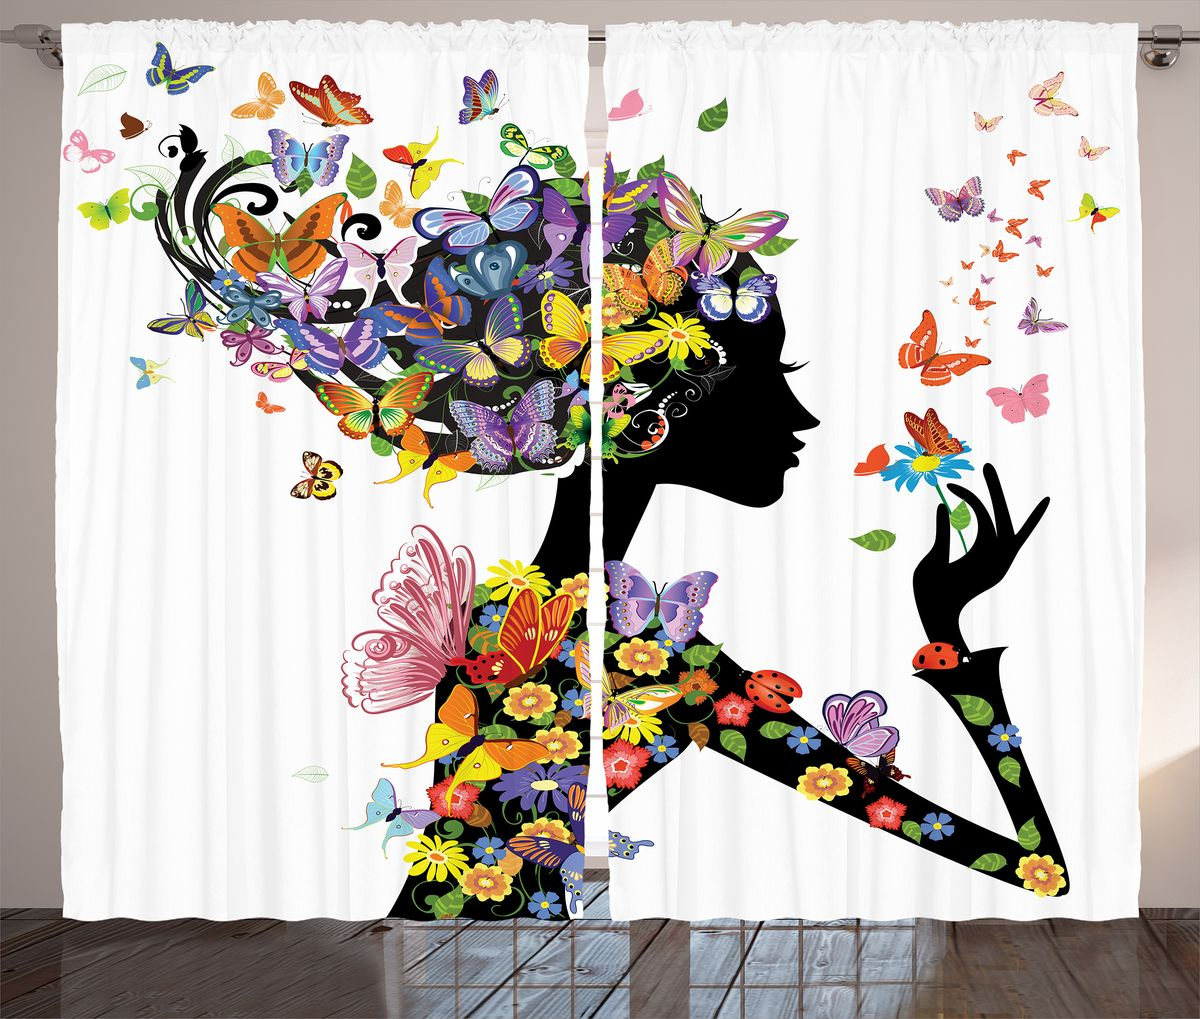 Комплект фотоштор Magic Lady Цветочная фея с бабочками, на ленте, высота 265 см. шсг_11017шсг_11017Компания Сэмболь изготавливает шторы из высококачественного сатена (полиэстер 100%). При изготовлении используются специальные гипоаллергенные чернила для прямой печати по ткани, безопасные для человека и животных. Экологичность продукции Magic lady и безопасность для окружающей среды подтверждены сертификатом Oeko-Tex Standard 100. Крепление: крючки для крепления на шторной ленте (50 шт). Возможно крепление на трубу. Внимание! При нанесении сублимационной печати на ткань технологическим методом при температуре 240°С, возможно отклонение полученных размеров (указанных на этикетке и сайте) от стандартных на + - 3-5 см. Производитель старается максимально точно передать цвета изделия на фотографиях, однако искажения неизбежны и фактический цвет изделия может отличаться от воспринимаемого по фото. Обратите внимание! Шторы изготовлены из полиэстра сатенового переплетения, а не из сатина (хлопок). Размер одного полотна шторы: 145х265 см. В комплекте 2 полотна шторы и 50 крючков.